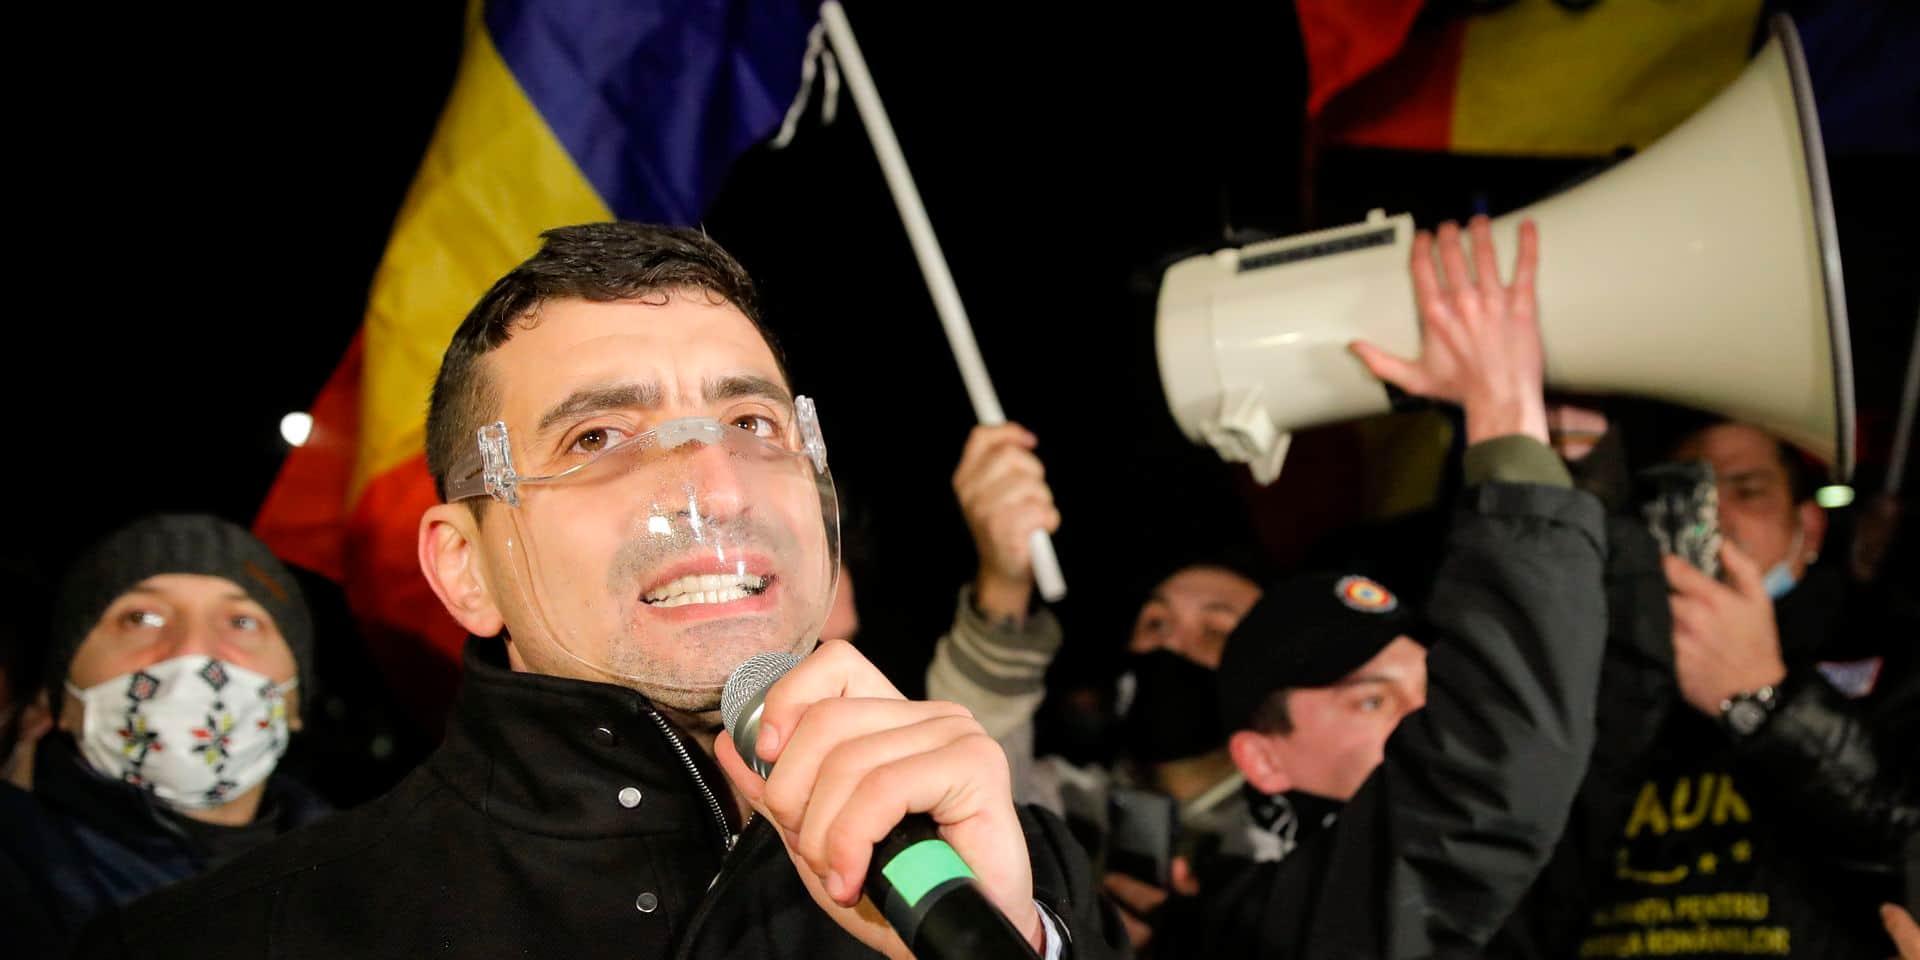 En Roumanie, les extrémistes gagnent en popularité en capitalisant sur la frustration des citoyens